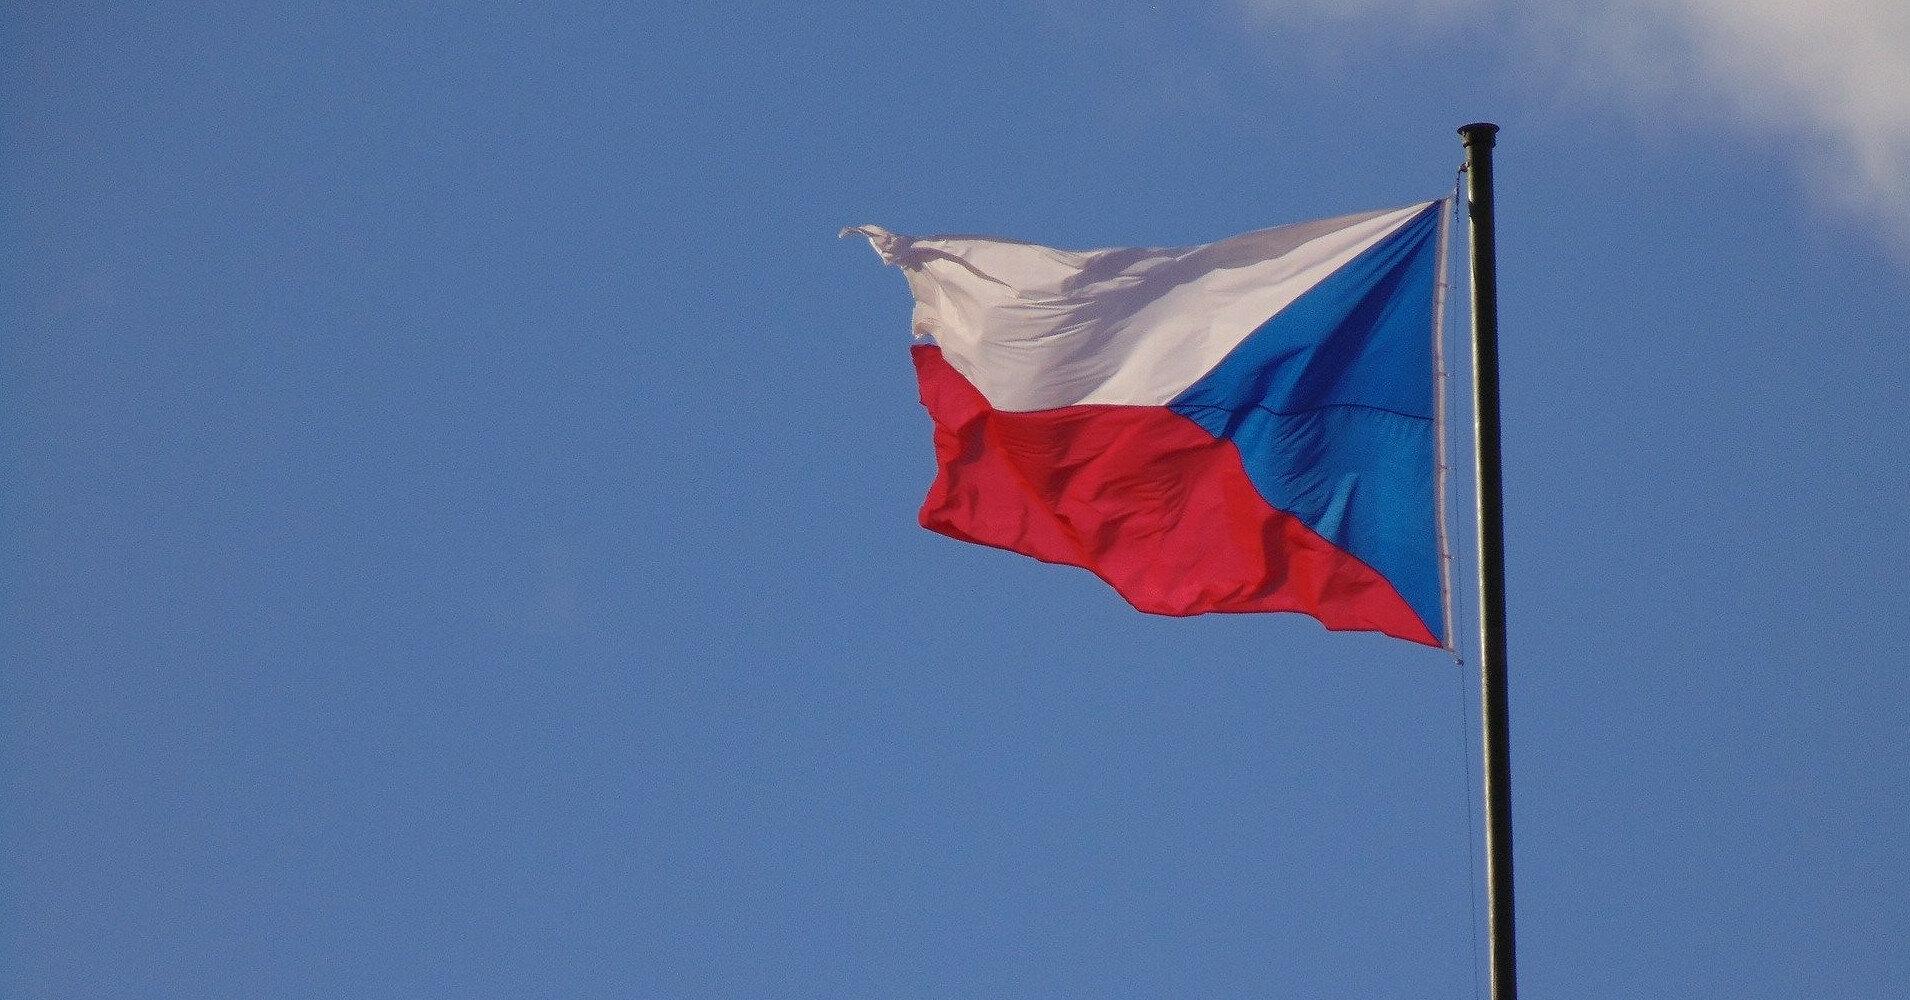 Чехия приостановила поездки в Россию